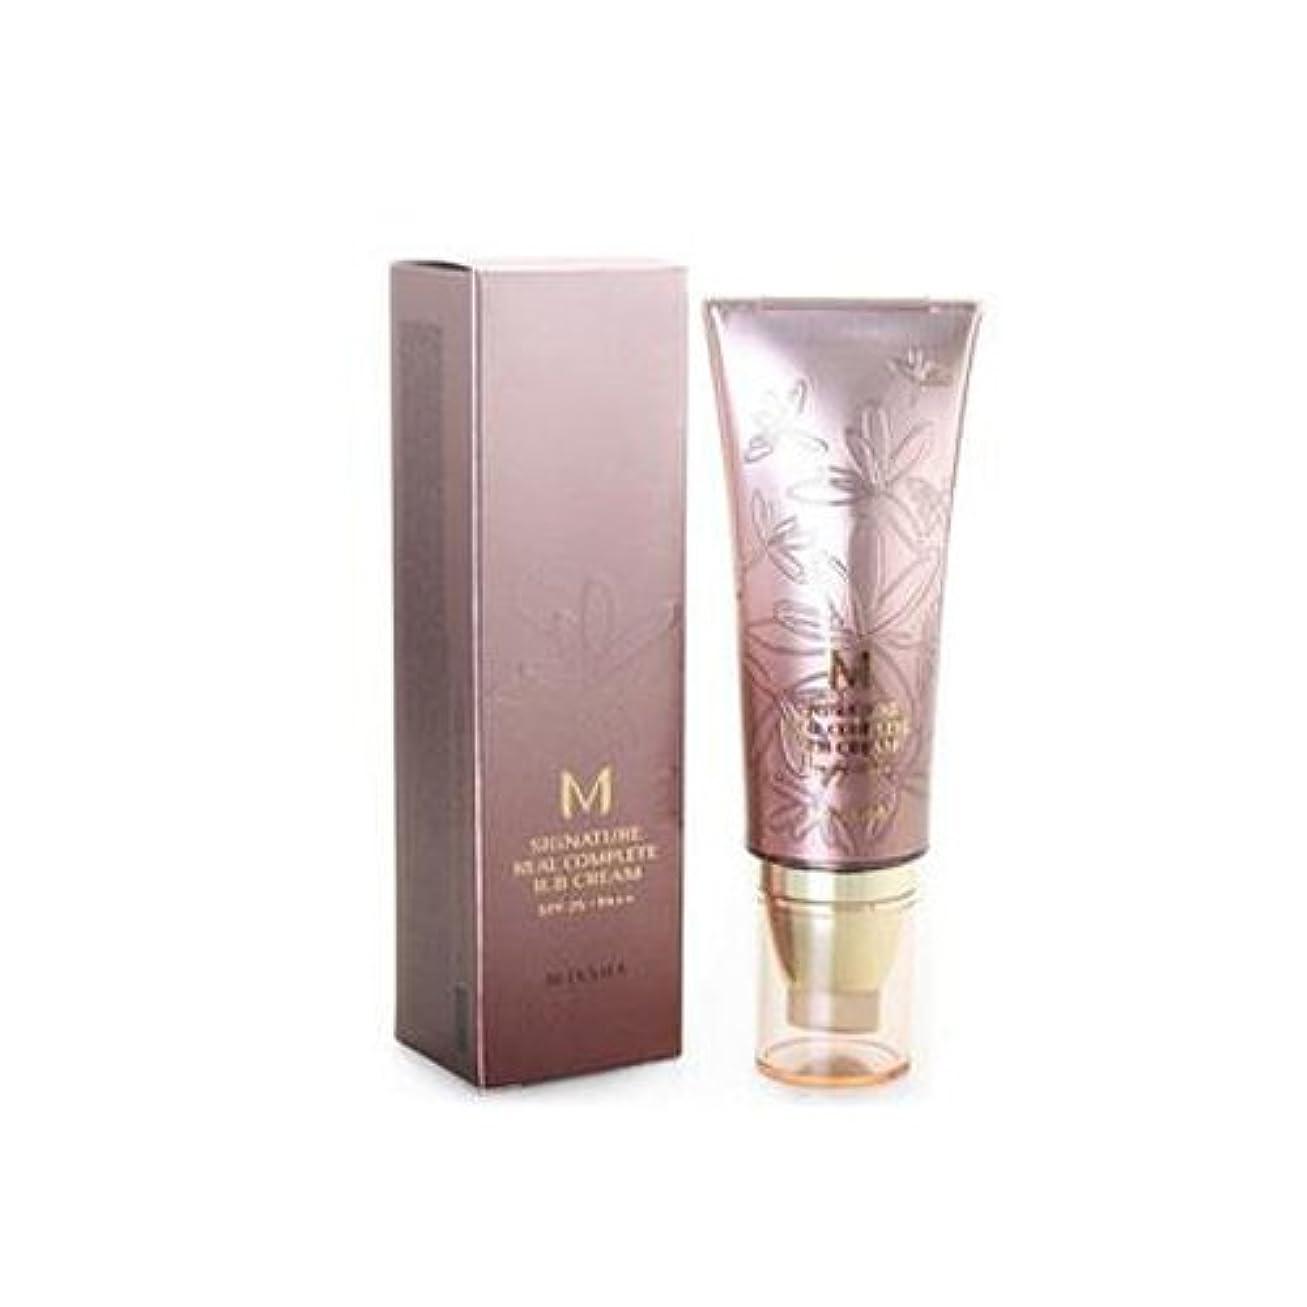 勇敢な枕迫害するMISSHA M Signature Real Complete B.B Cream SPF 25 PA++ No. 21 Light Pink Beige (並行輸入品)